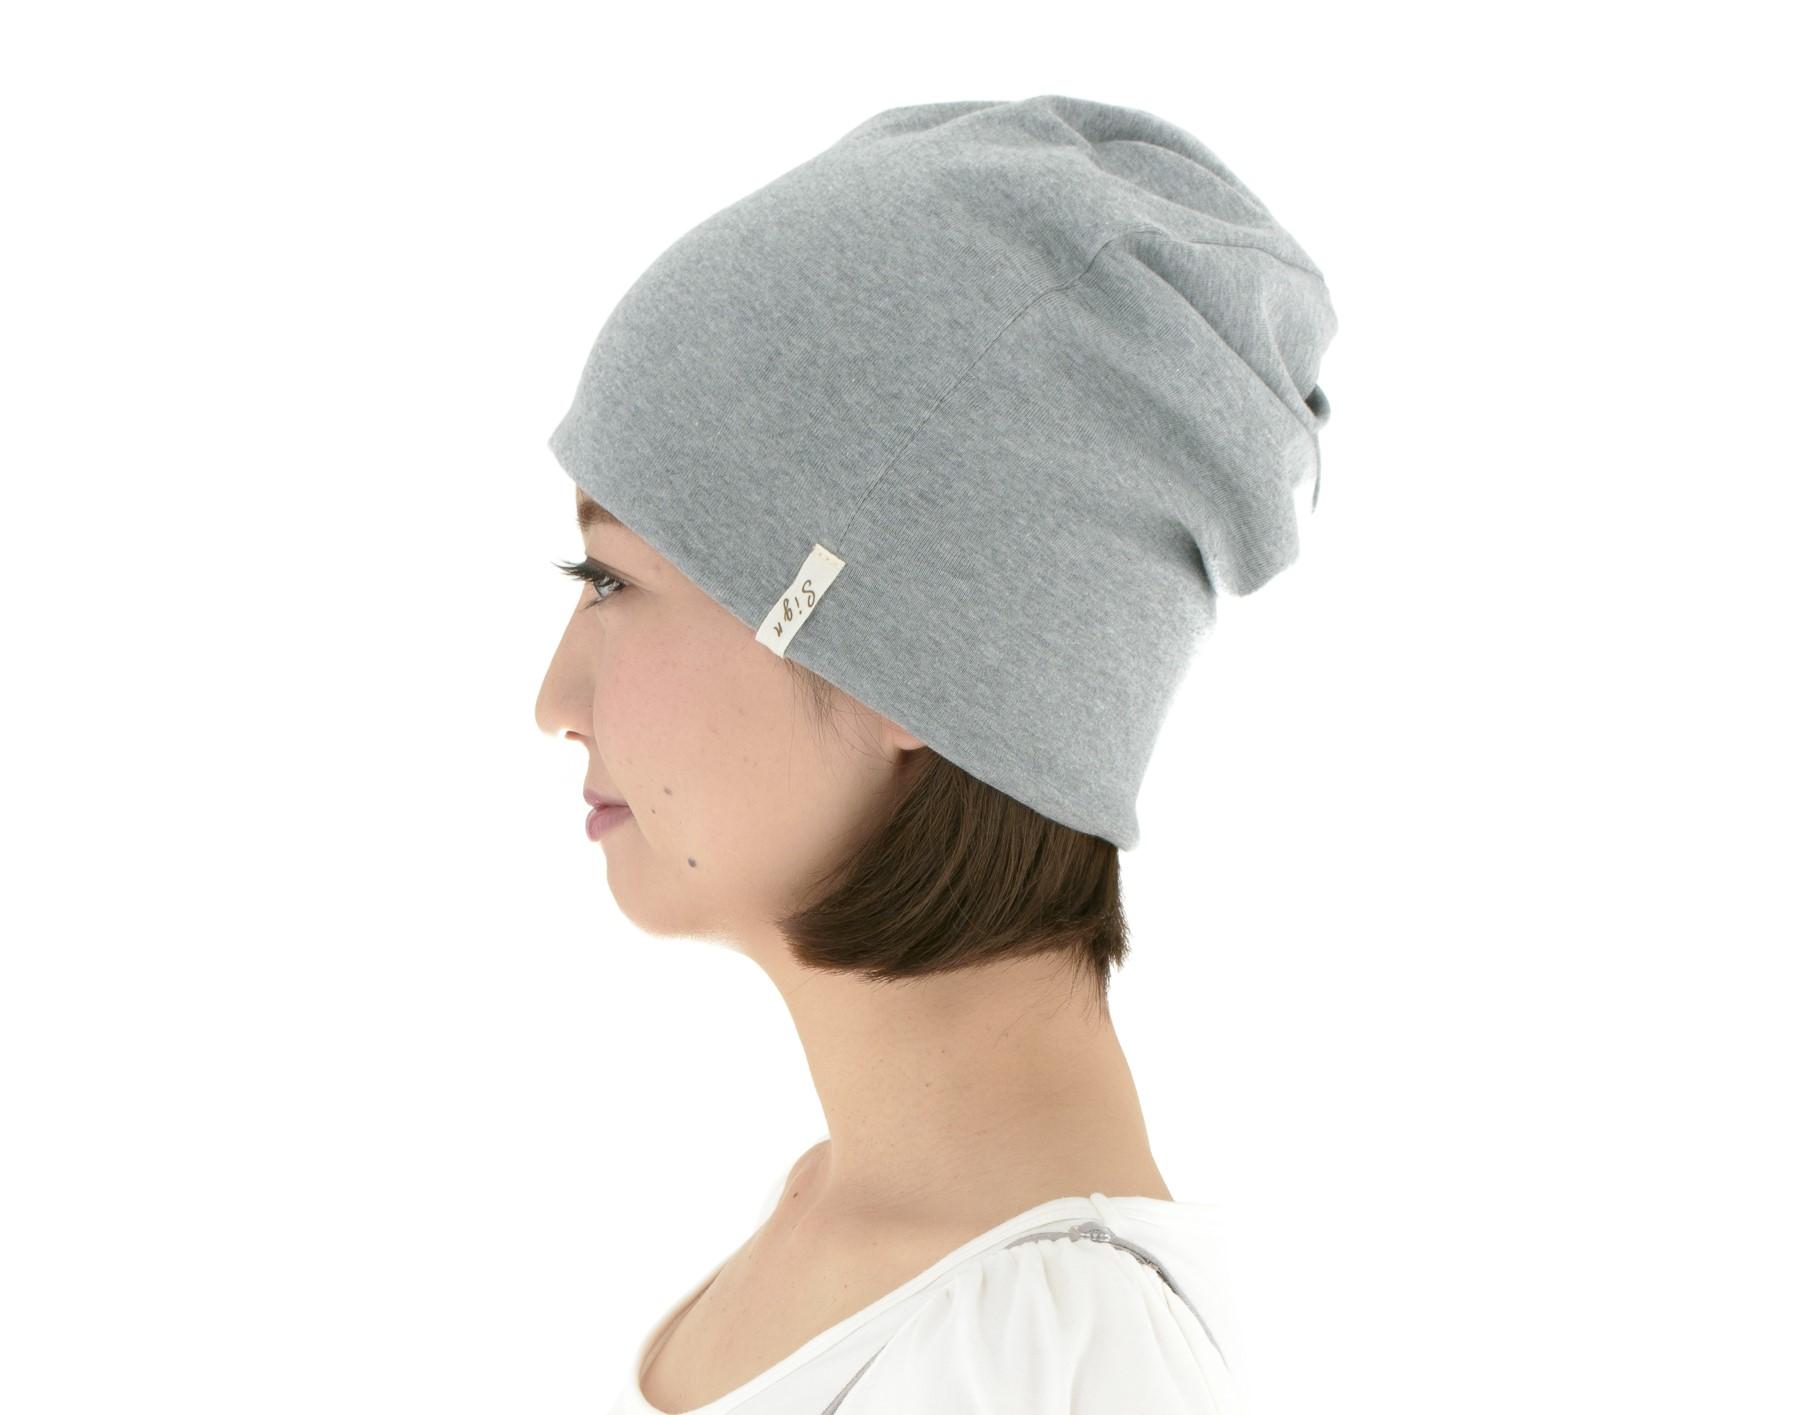 室内用帽子 送料無料 オーガニックコットン フライススクリューワッチ 3色展開 NOC日本オーガニックコットン流通機構認定商品